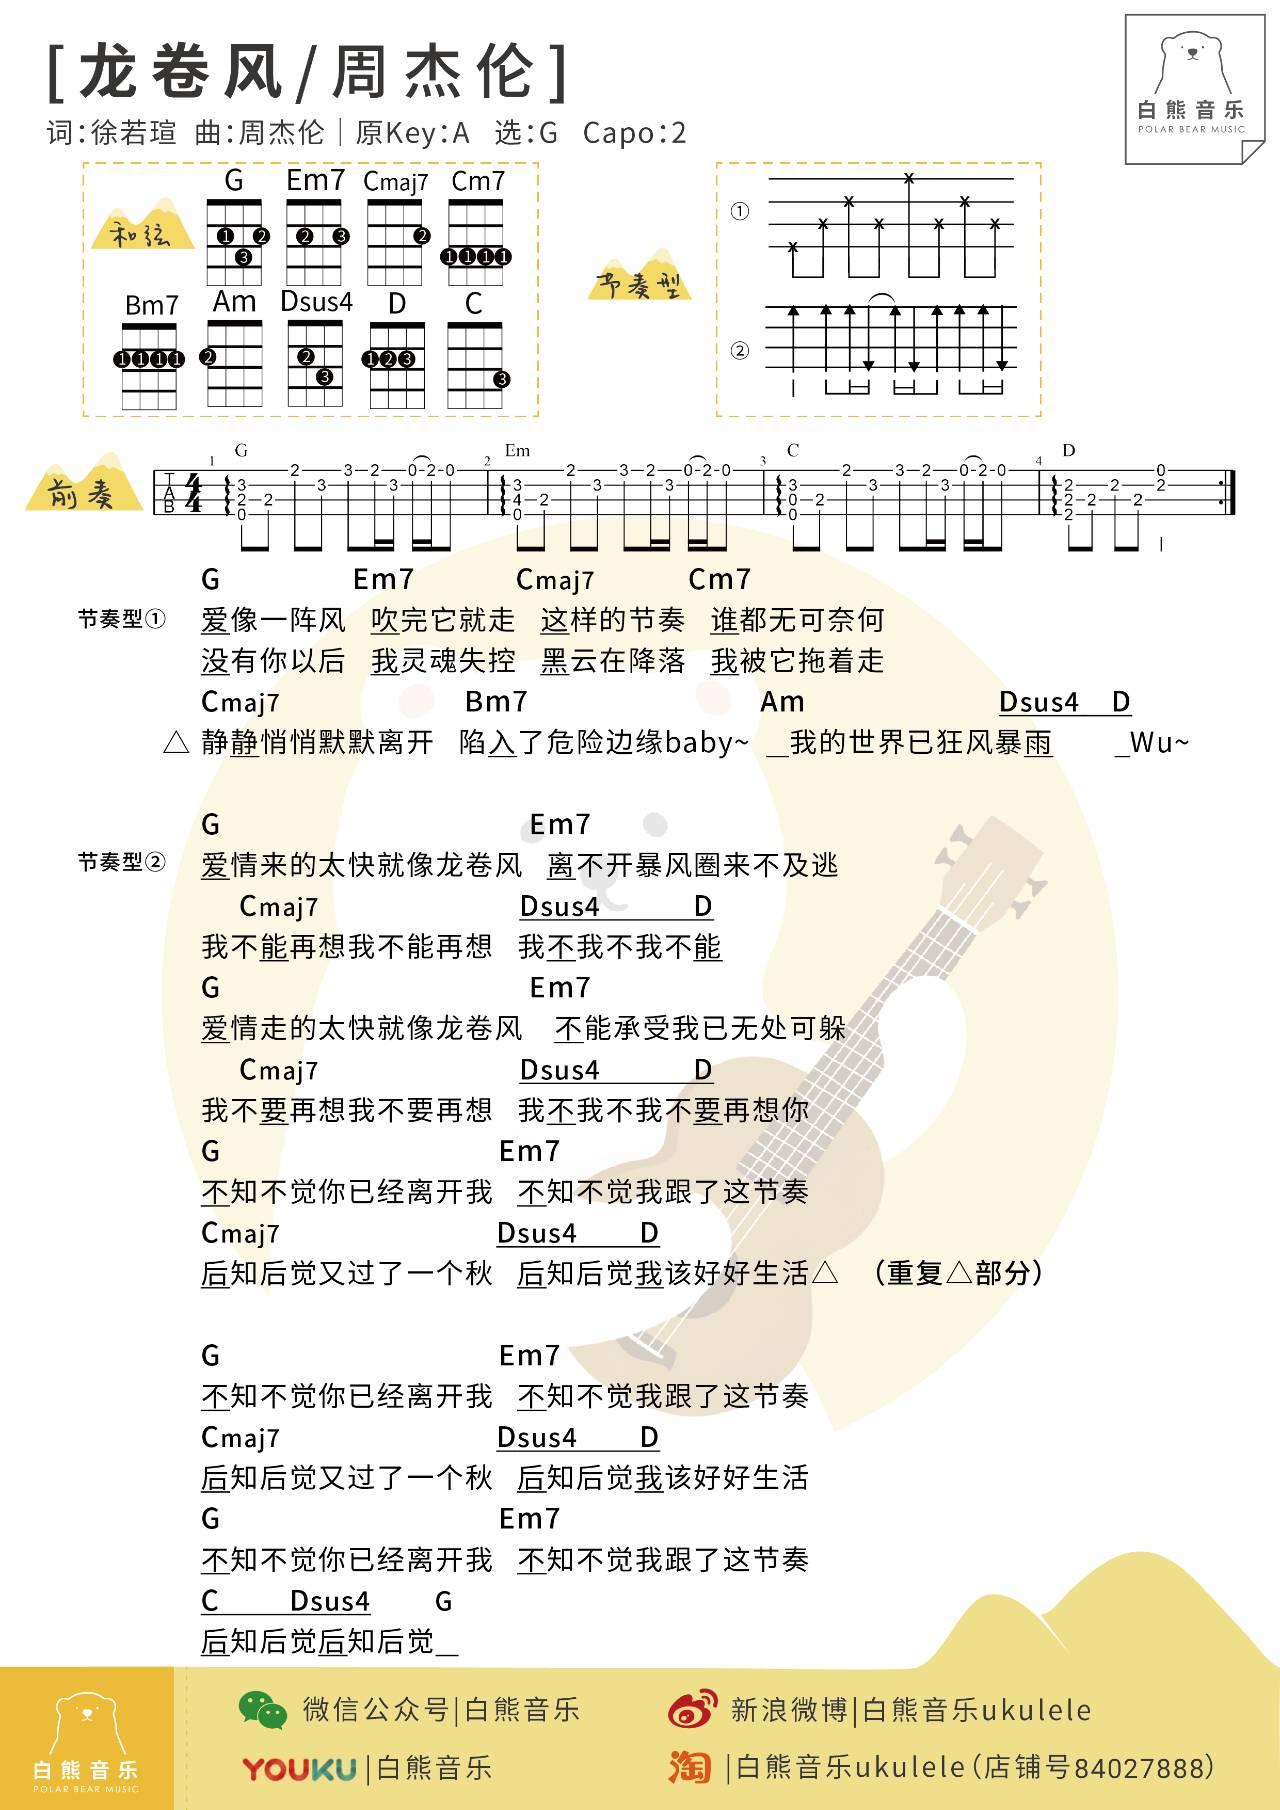 〈龙卷风〉周杰伦/ 尤克里里指弹&弹唱歌谱